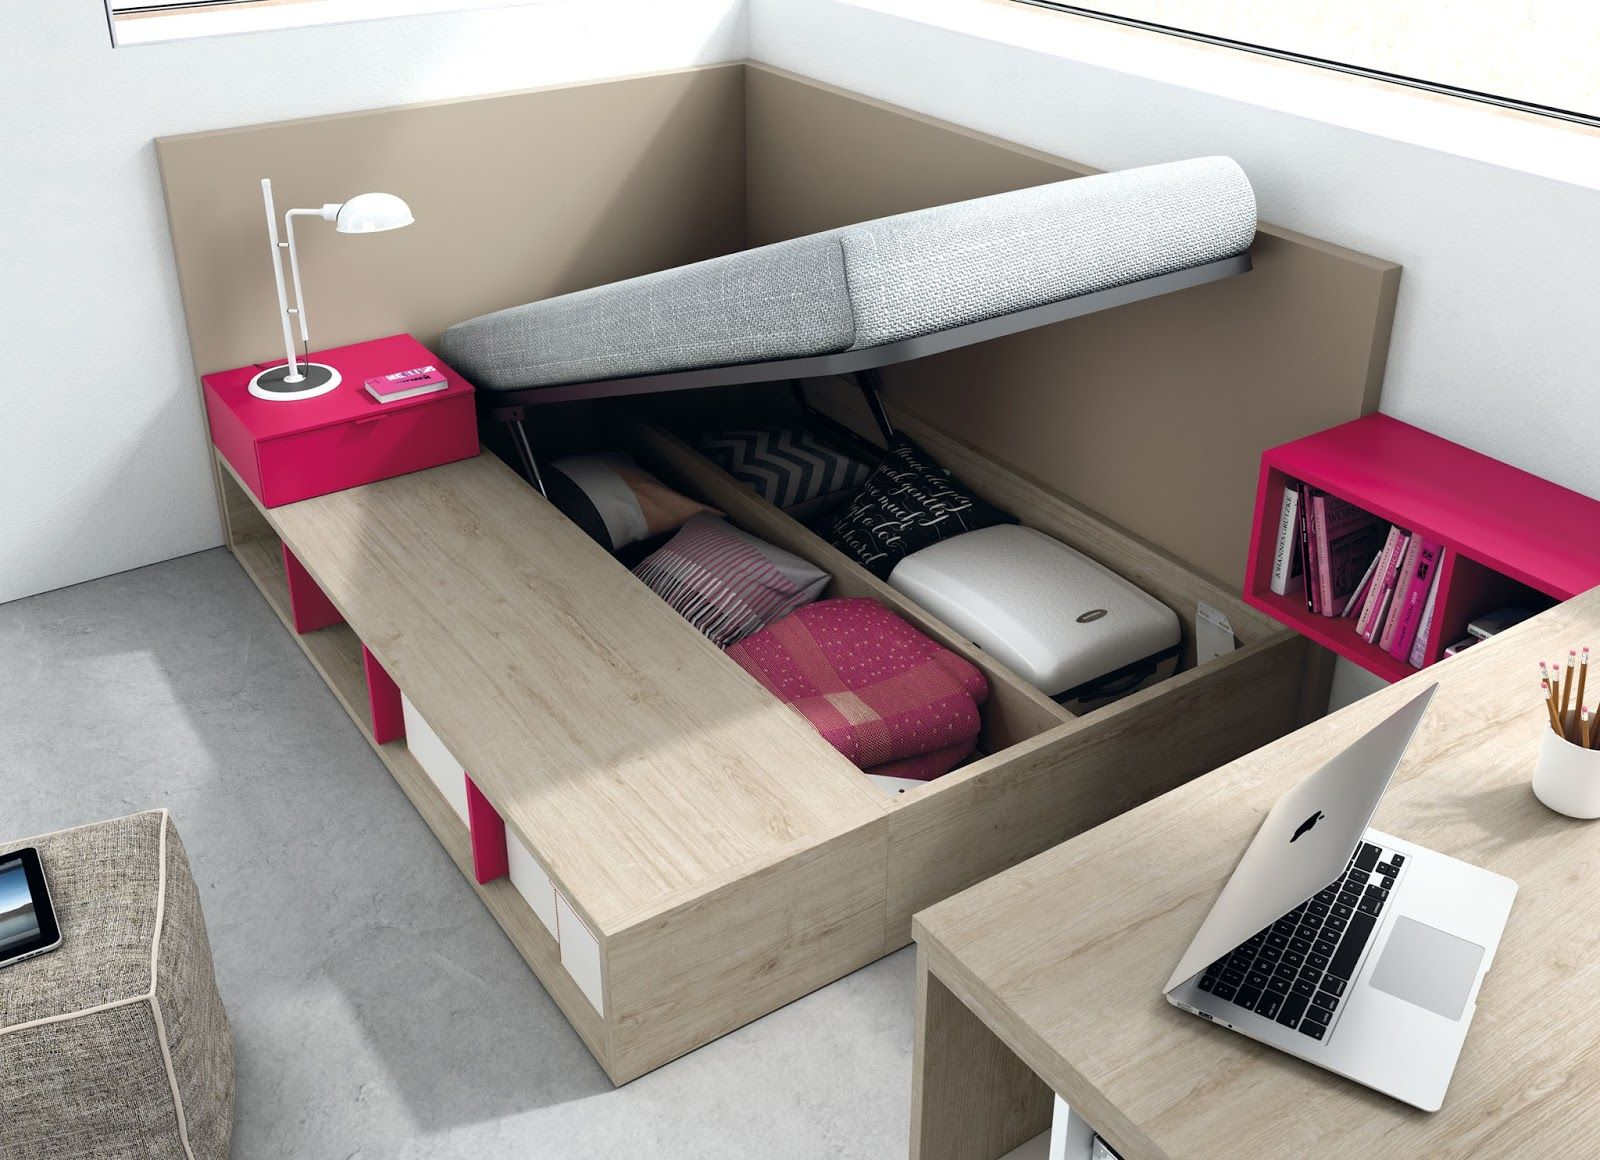 Dormitorios juveniles e infantiles tegar mobel camas for Dormitorios infantiles y juveniles